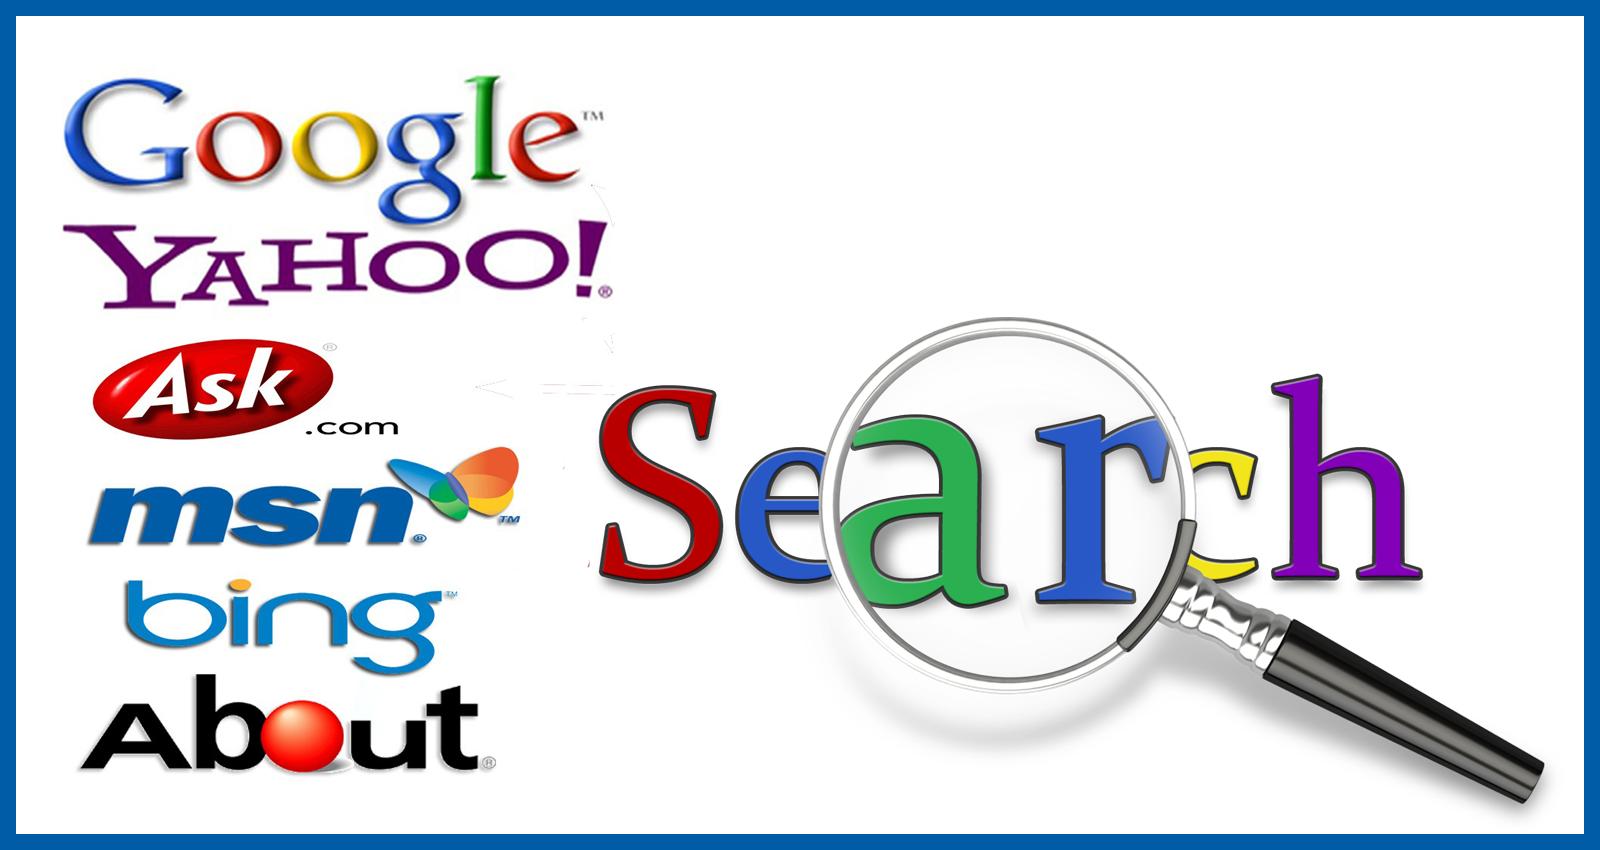 مردم در سال ۲۰۱۷ چه چیزهایی را در گوگل جستجو کردهاند؟